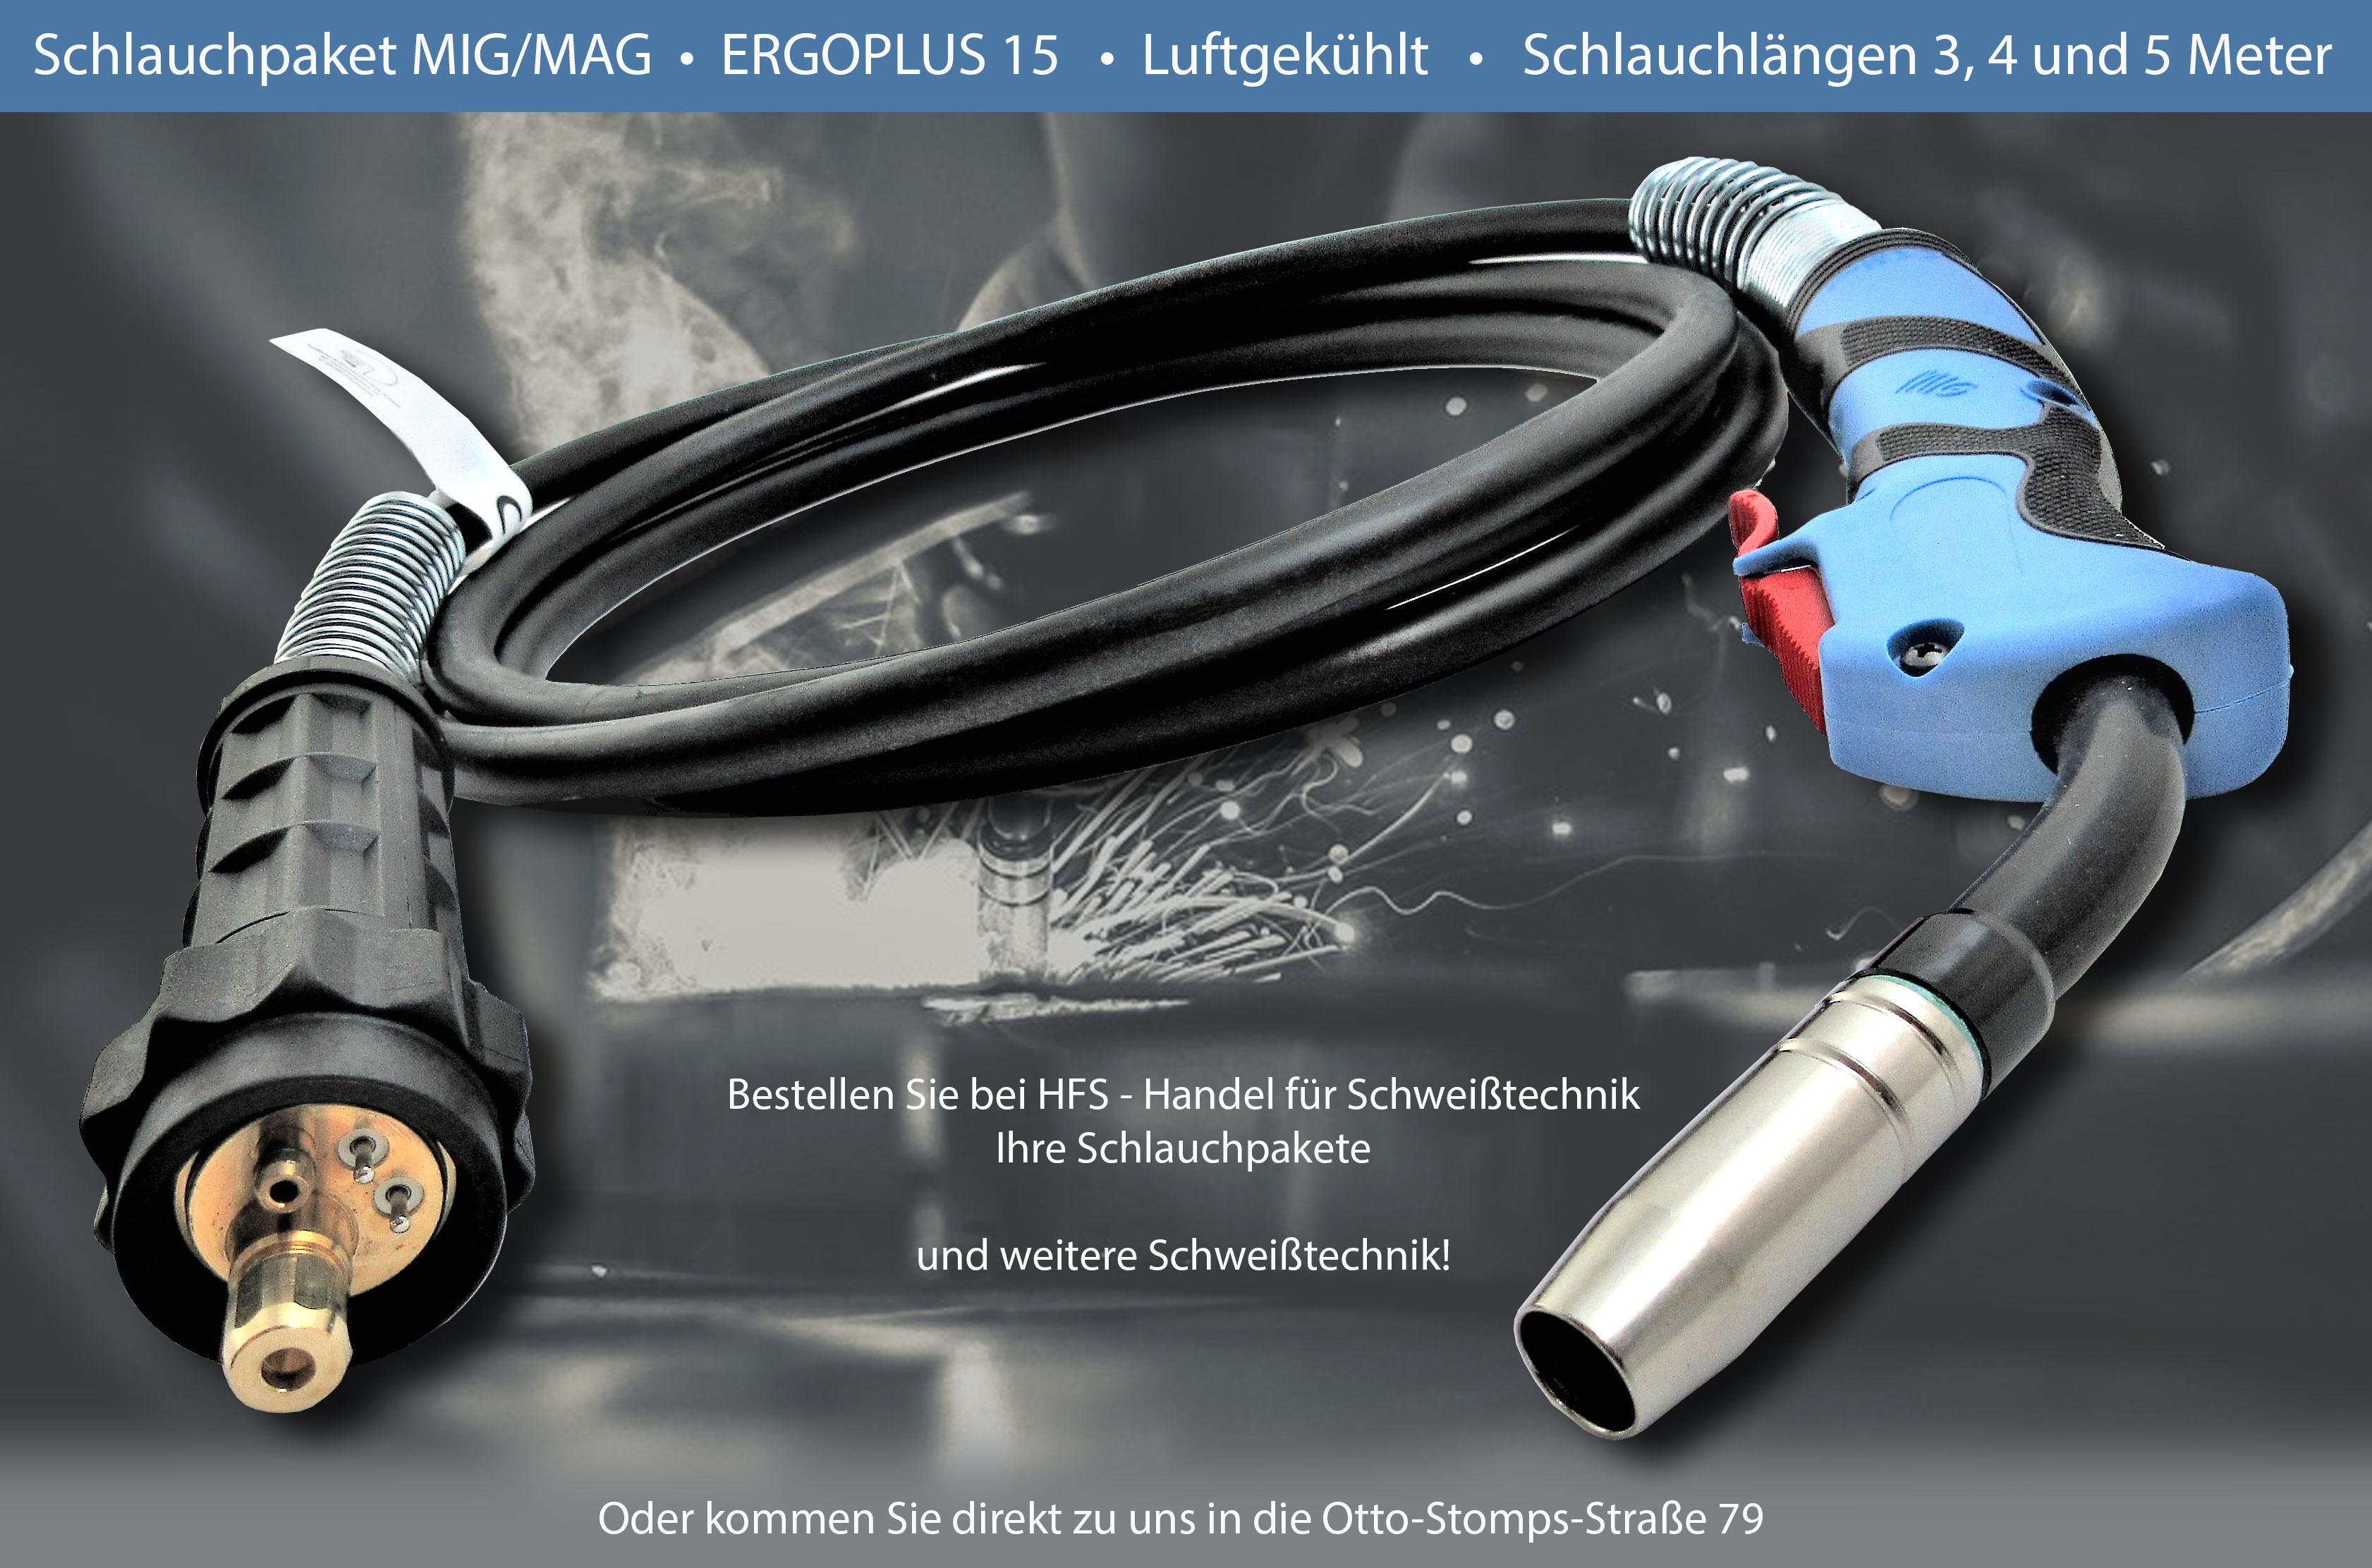 MIG/MAG Schlauchpaket Ergoplus15 luftgekühlt Schlauchlänge 3, 4 und 5 Meter